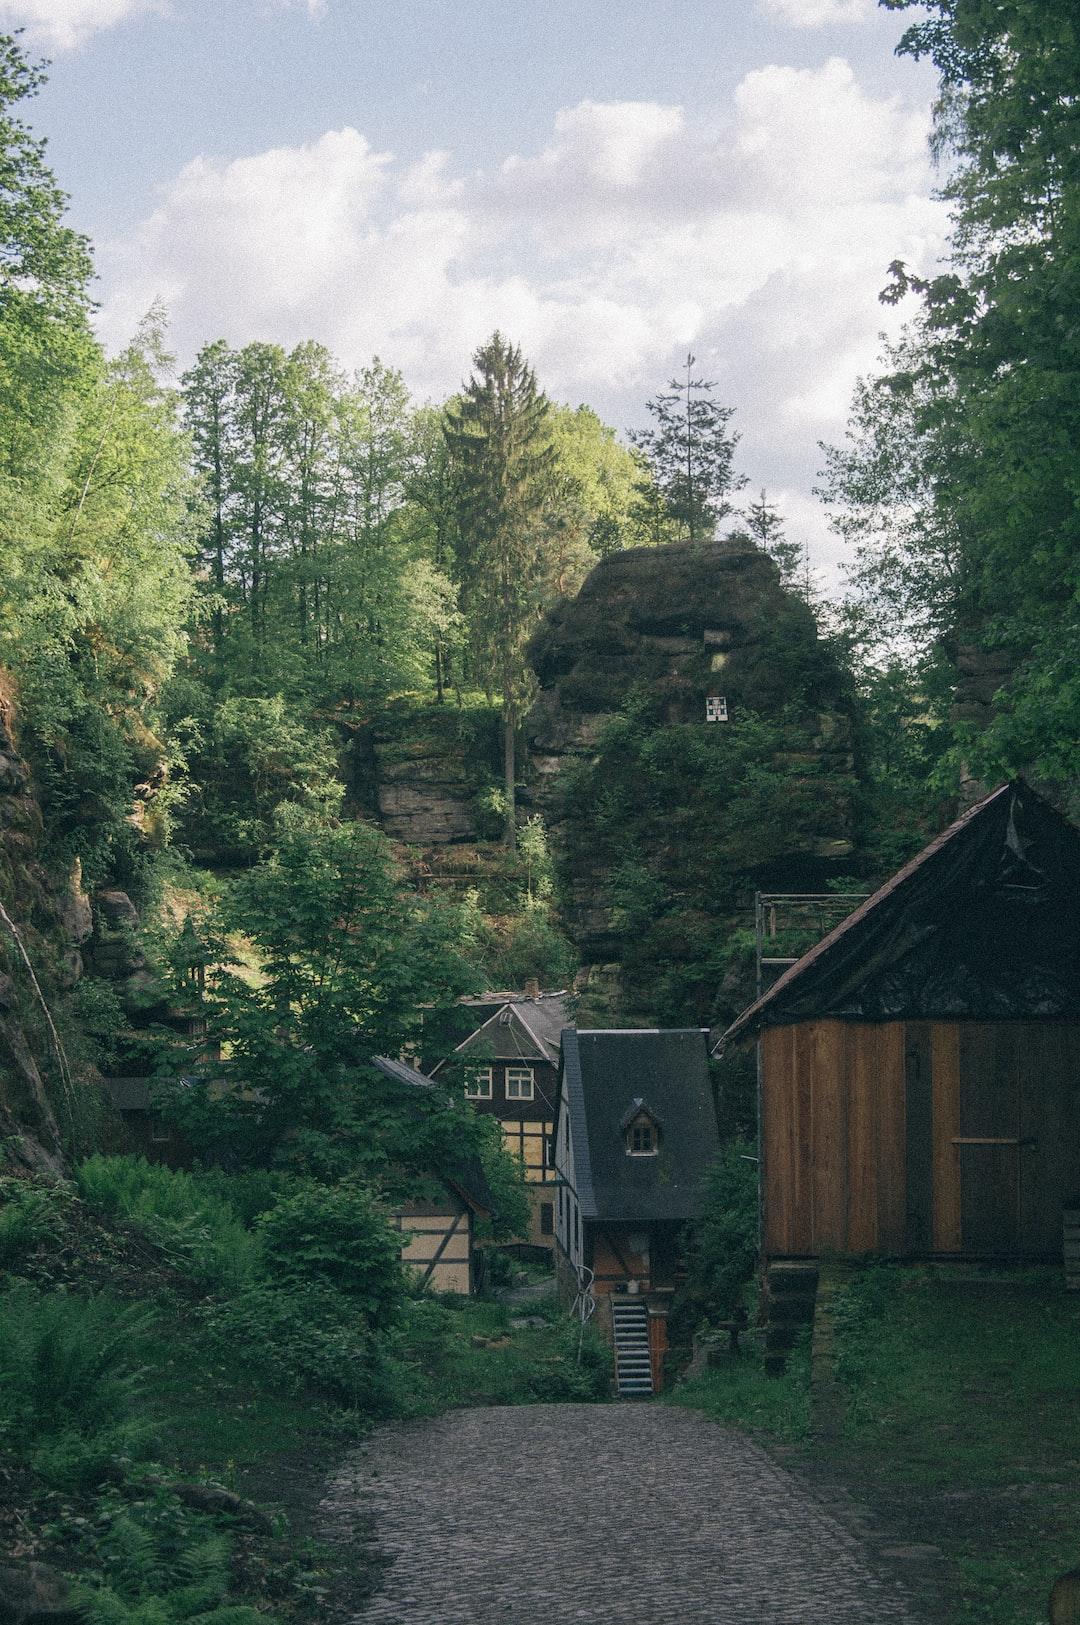 Little hidden houses in a green landscape